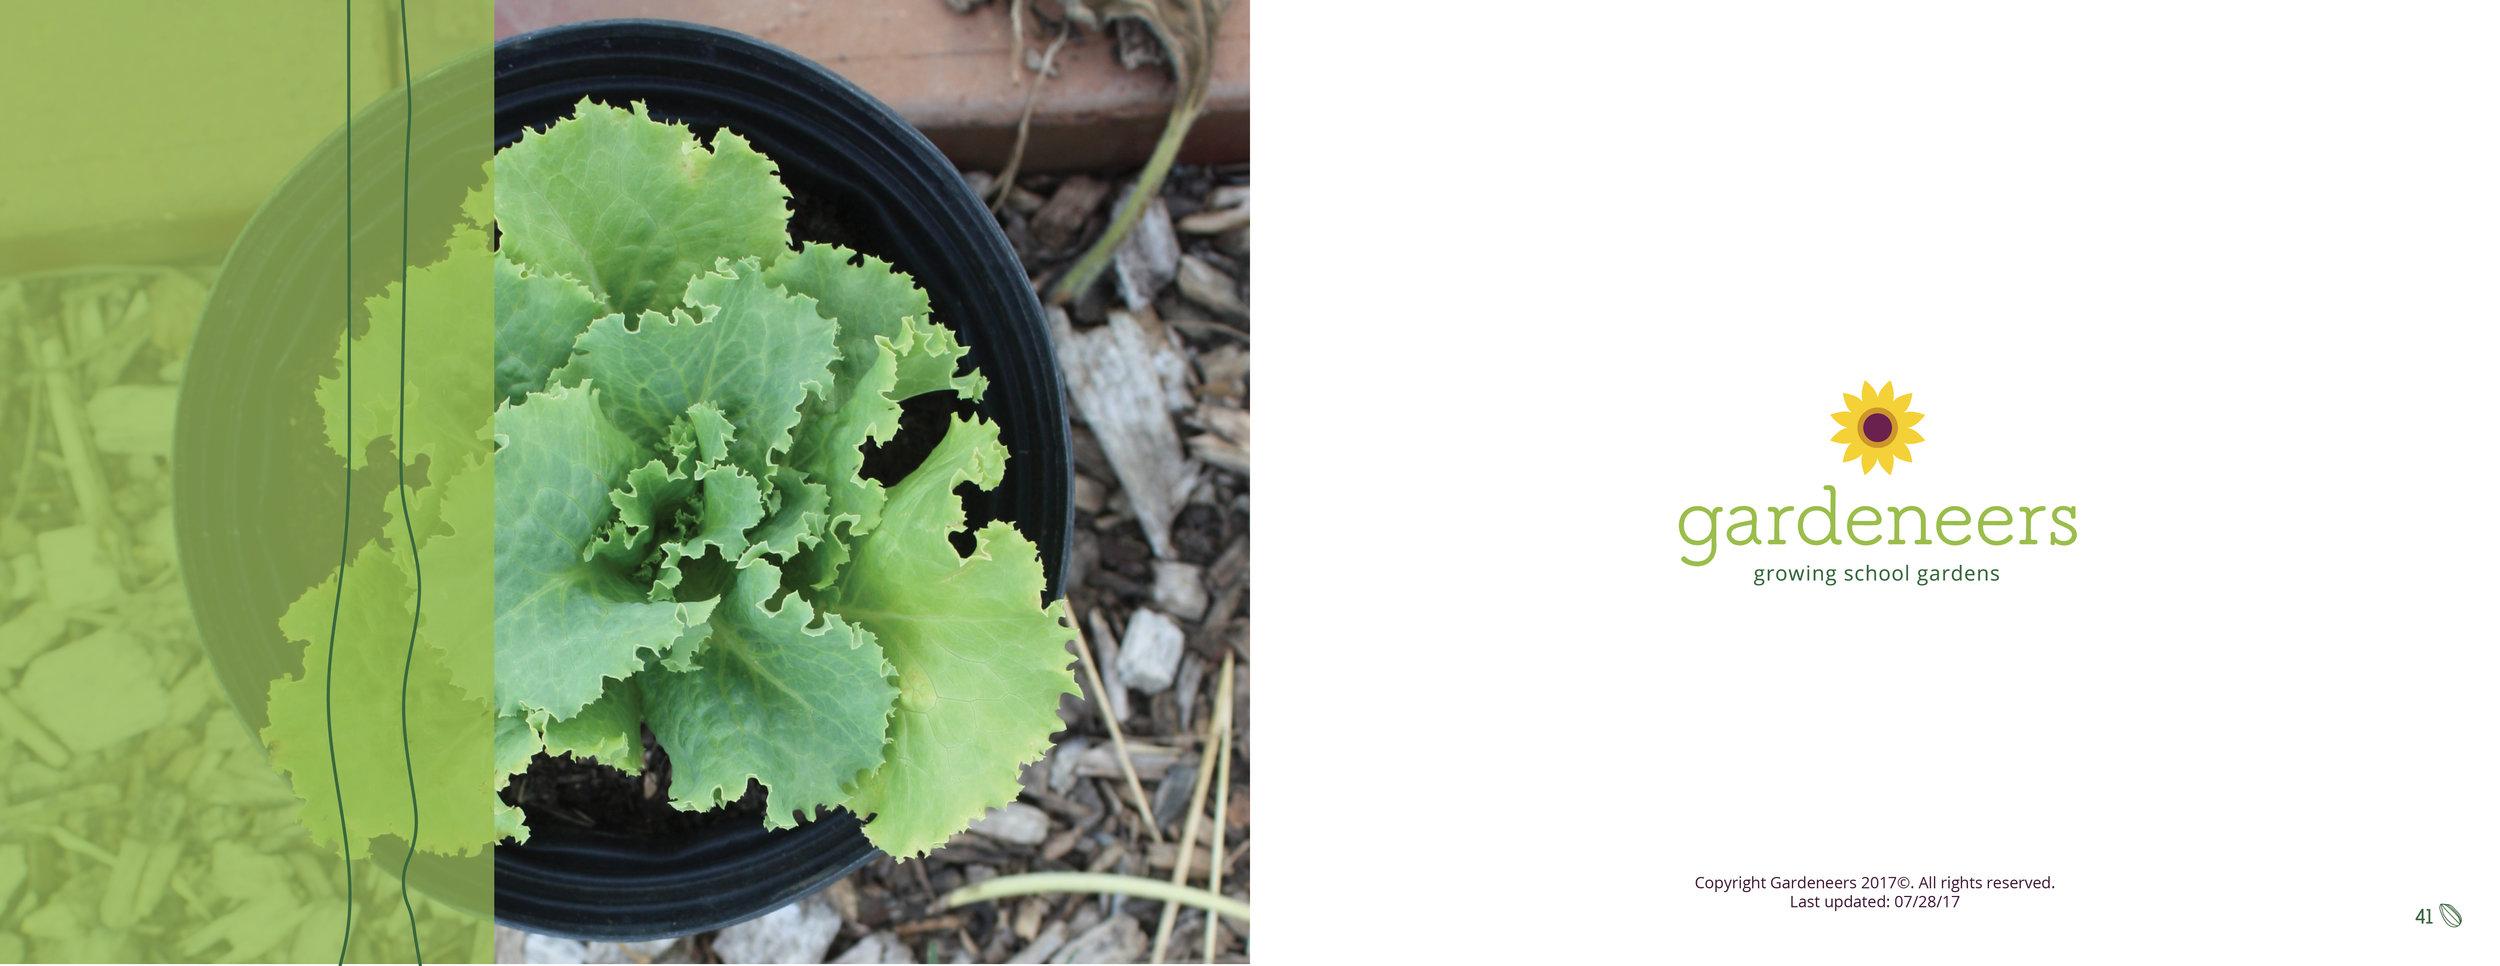 Gardeneers_BrandGuidelines9.jpg